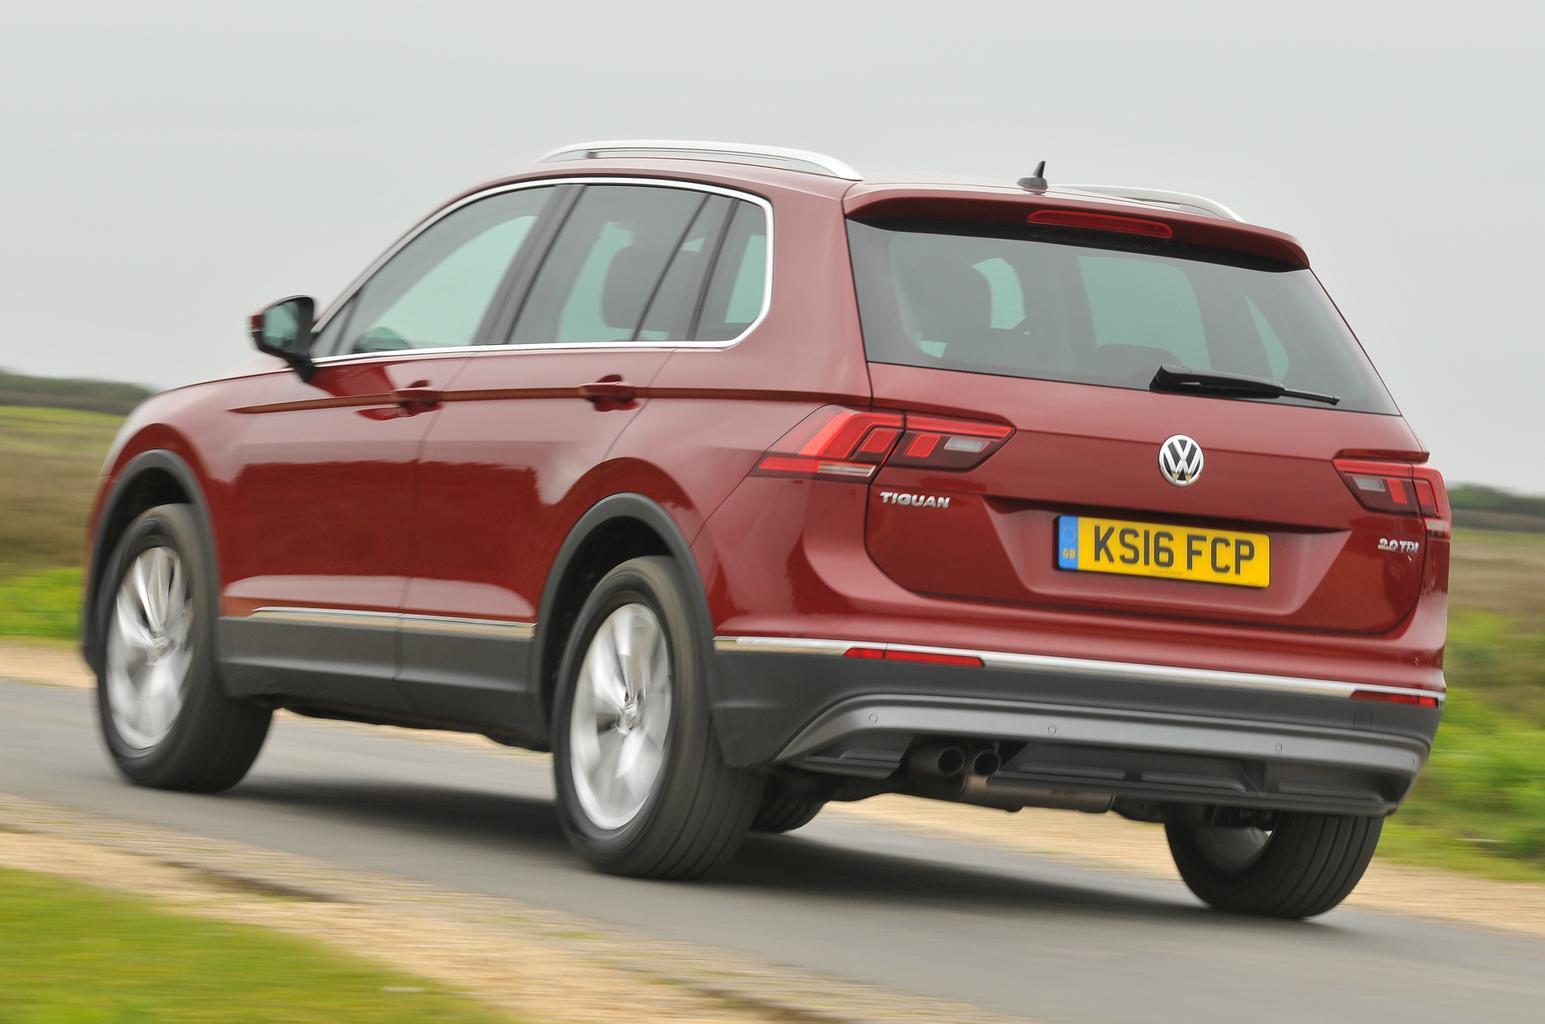 New Volkswagen Tiguan vs BMW X1 vs Mazda CX-5